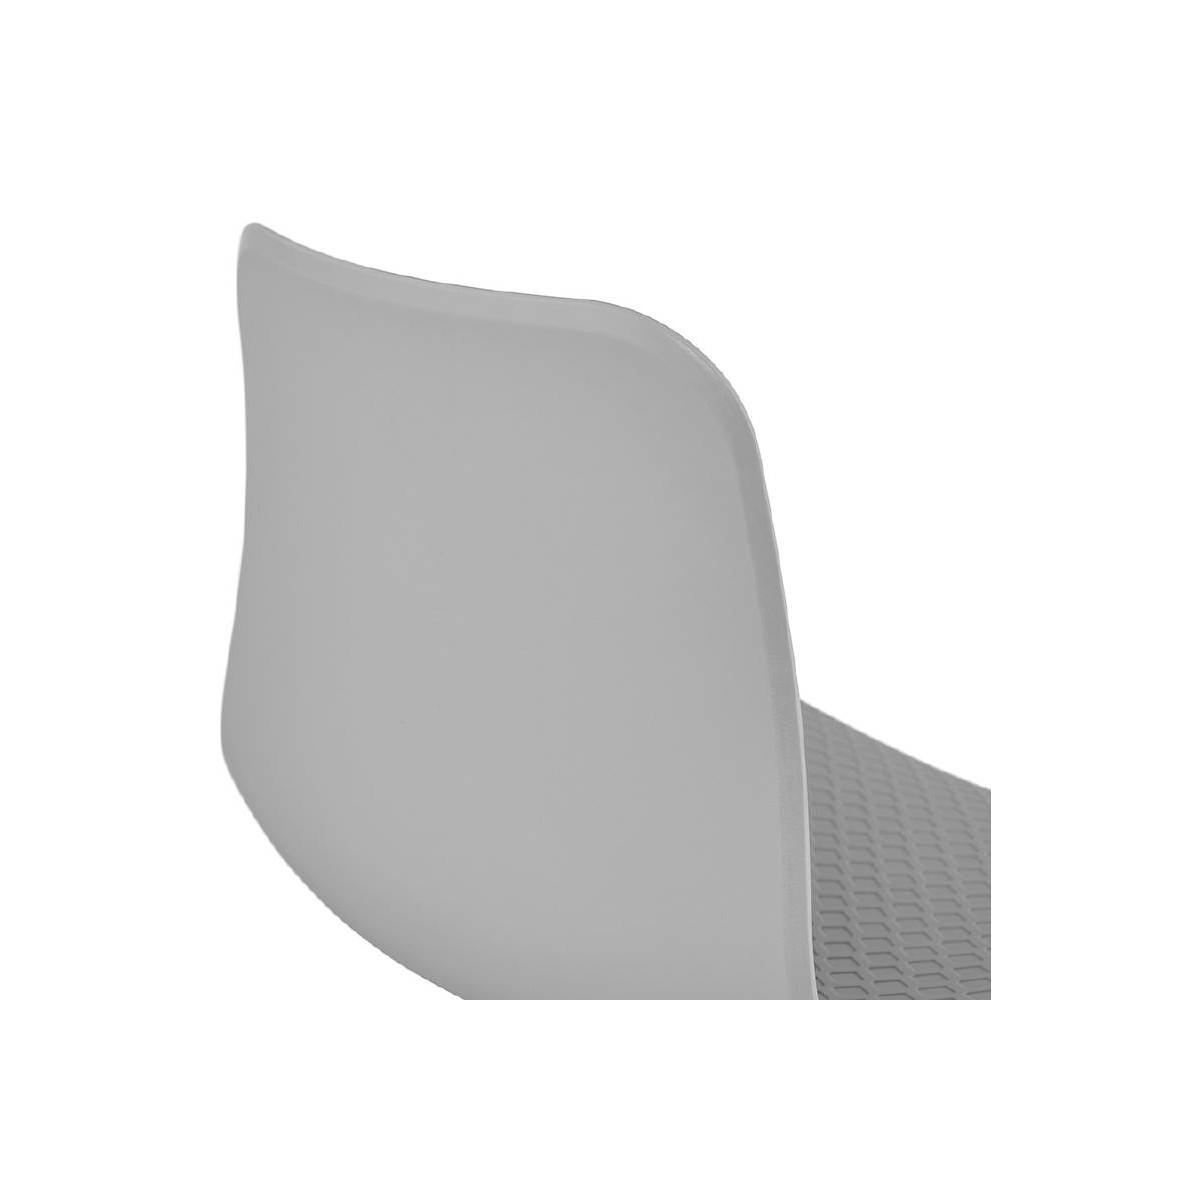 Chaise de p/êche Pliable de qualit/é sup/érieure avec 4 Pieds Compact Particuli/èrement Stable Pliable